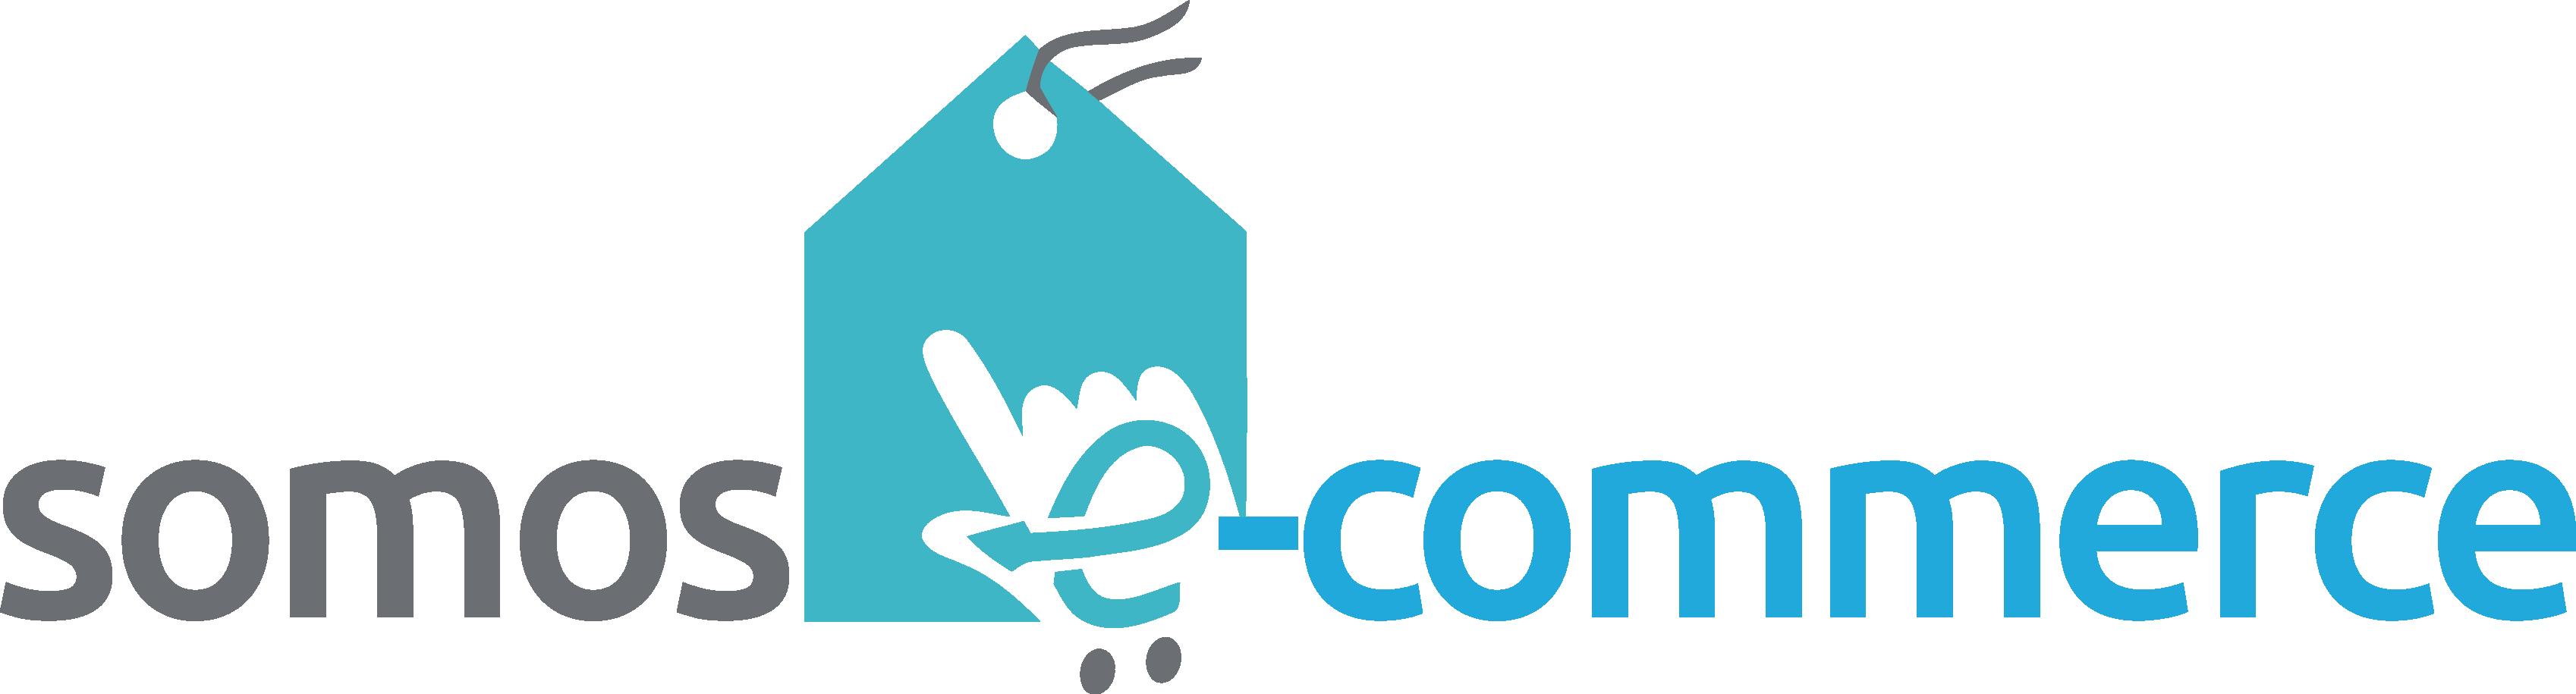 SomosEcommerce la Plataforma de servicios para tiendas online